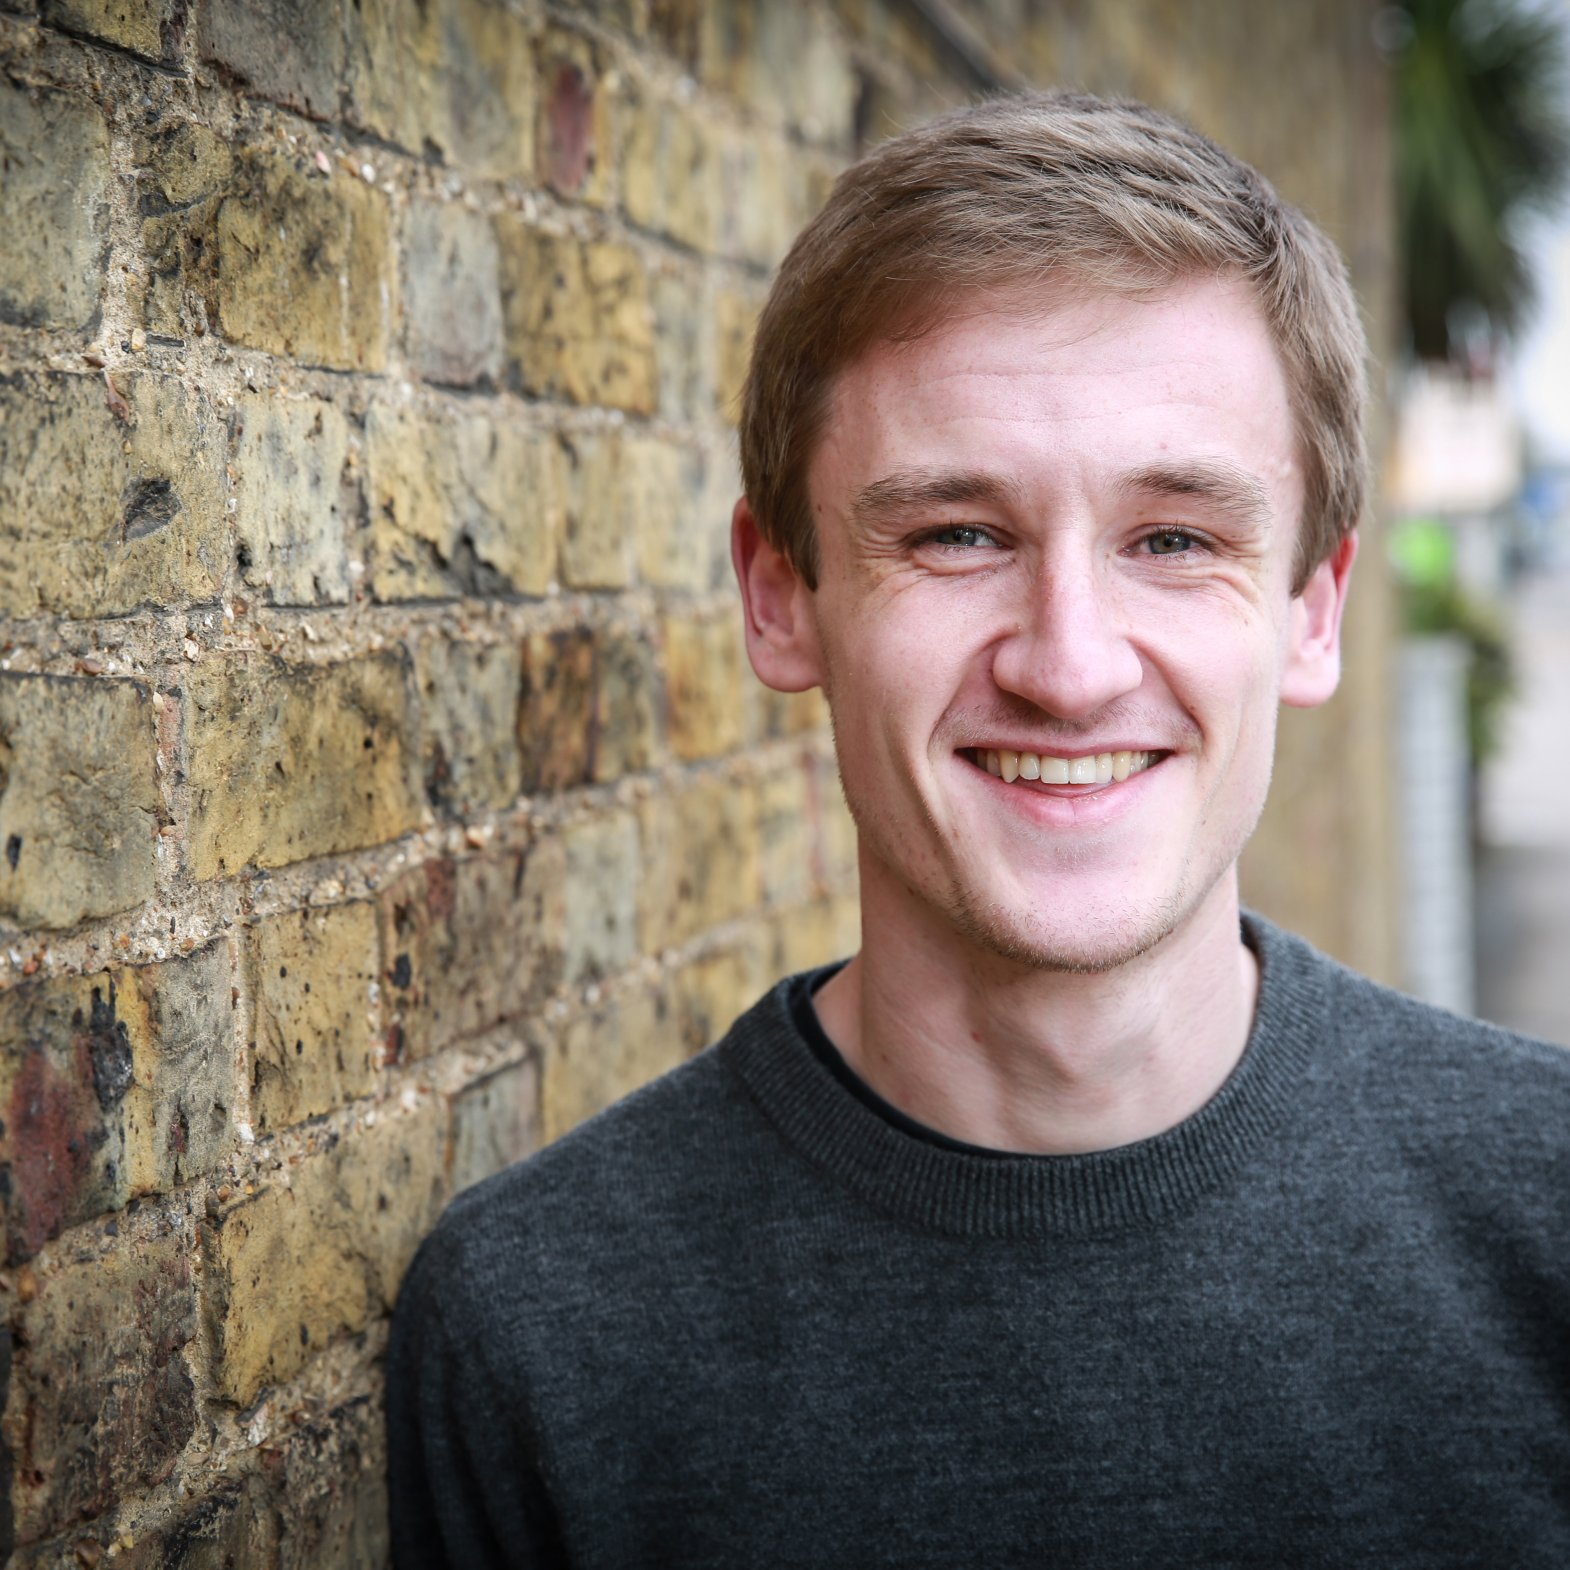 Josh Puttock